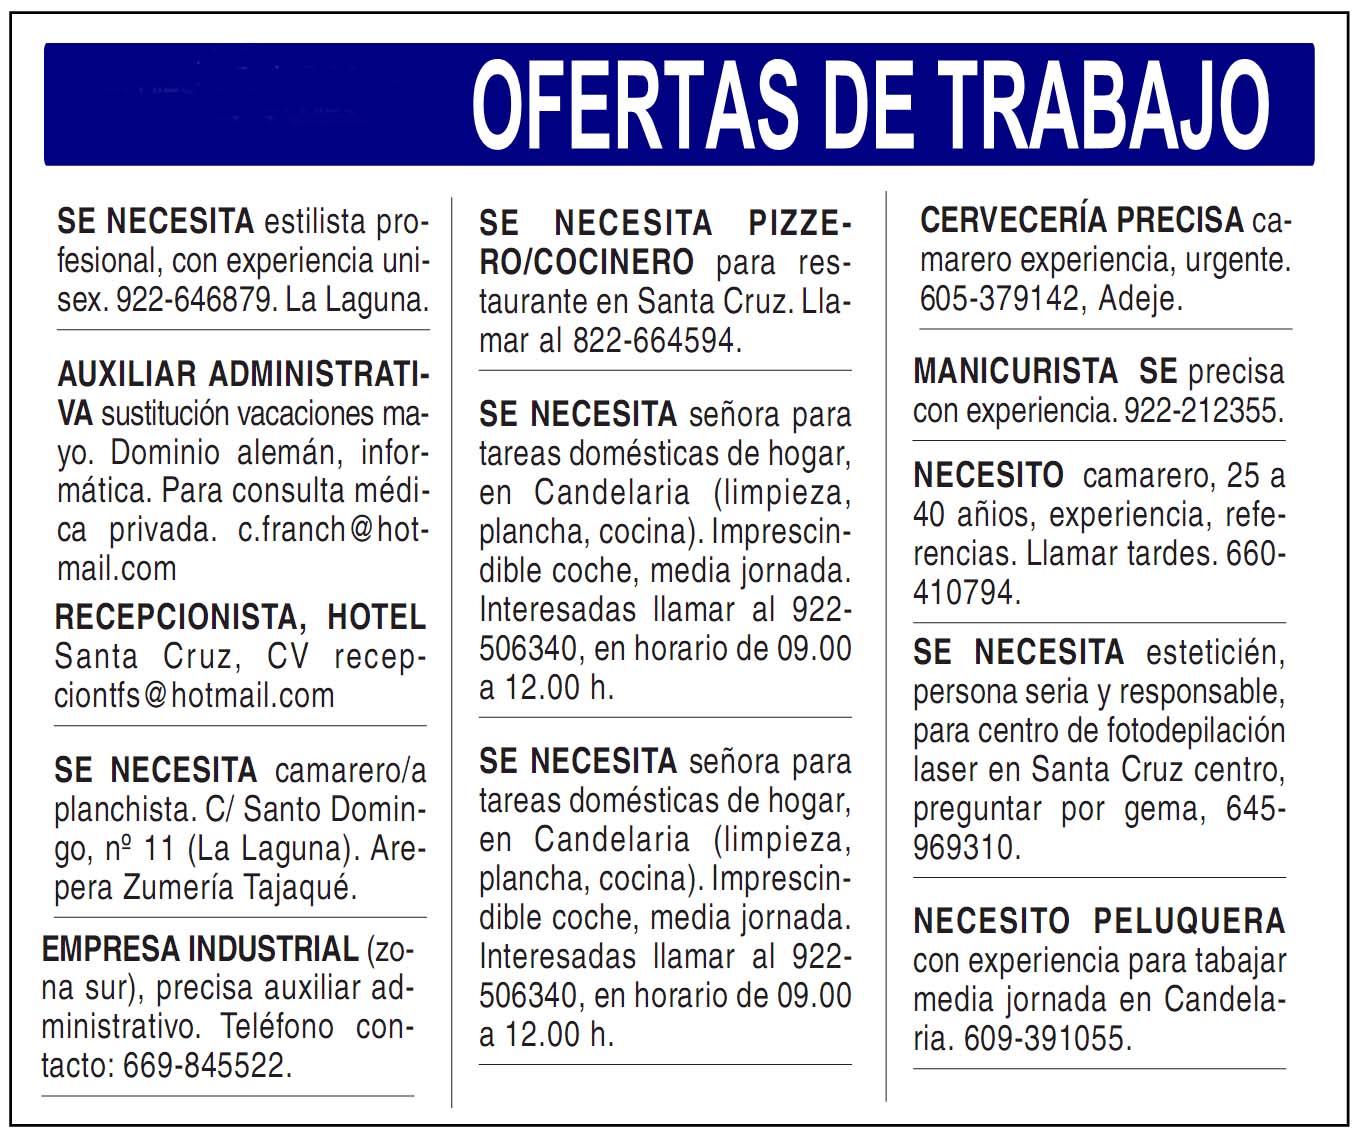 Empresas que crear n empleo en los pr ximos meses - Ofertas de trabajo en madrid ...